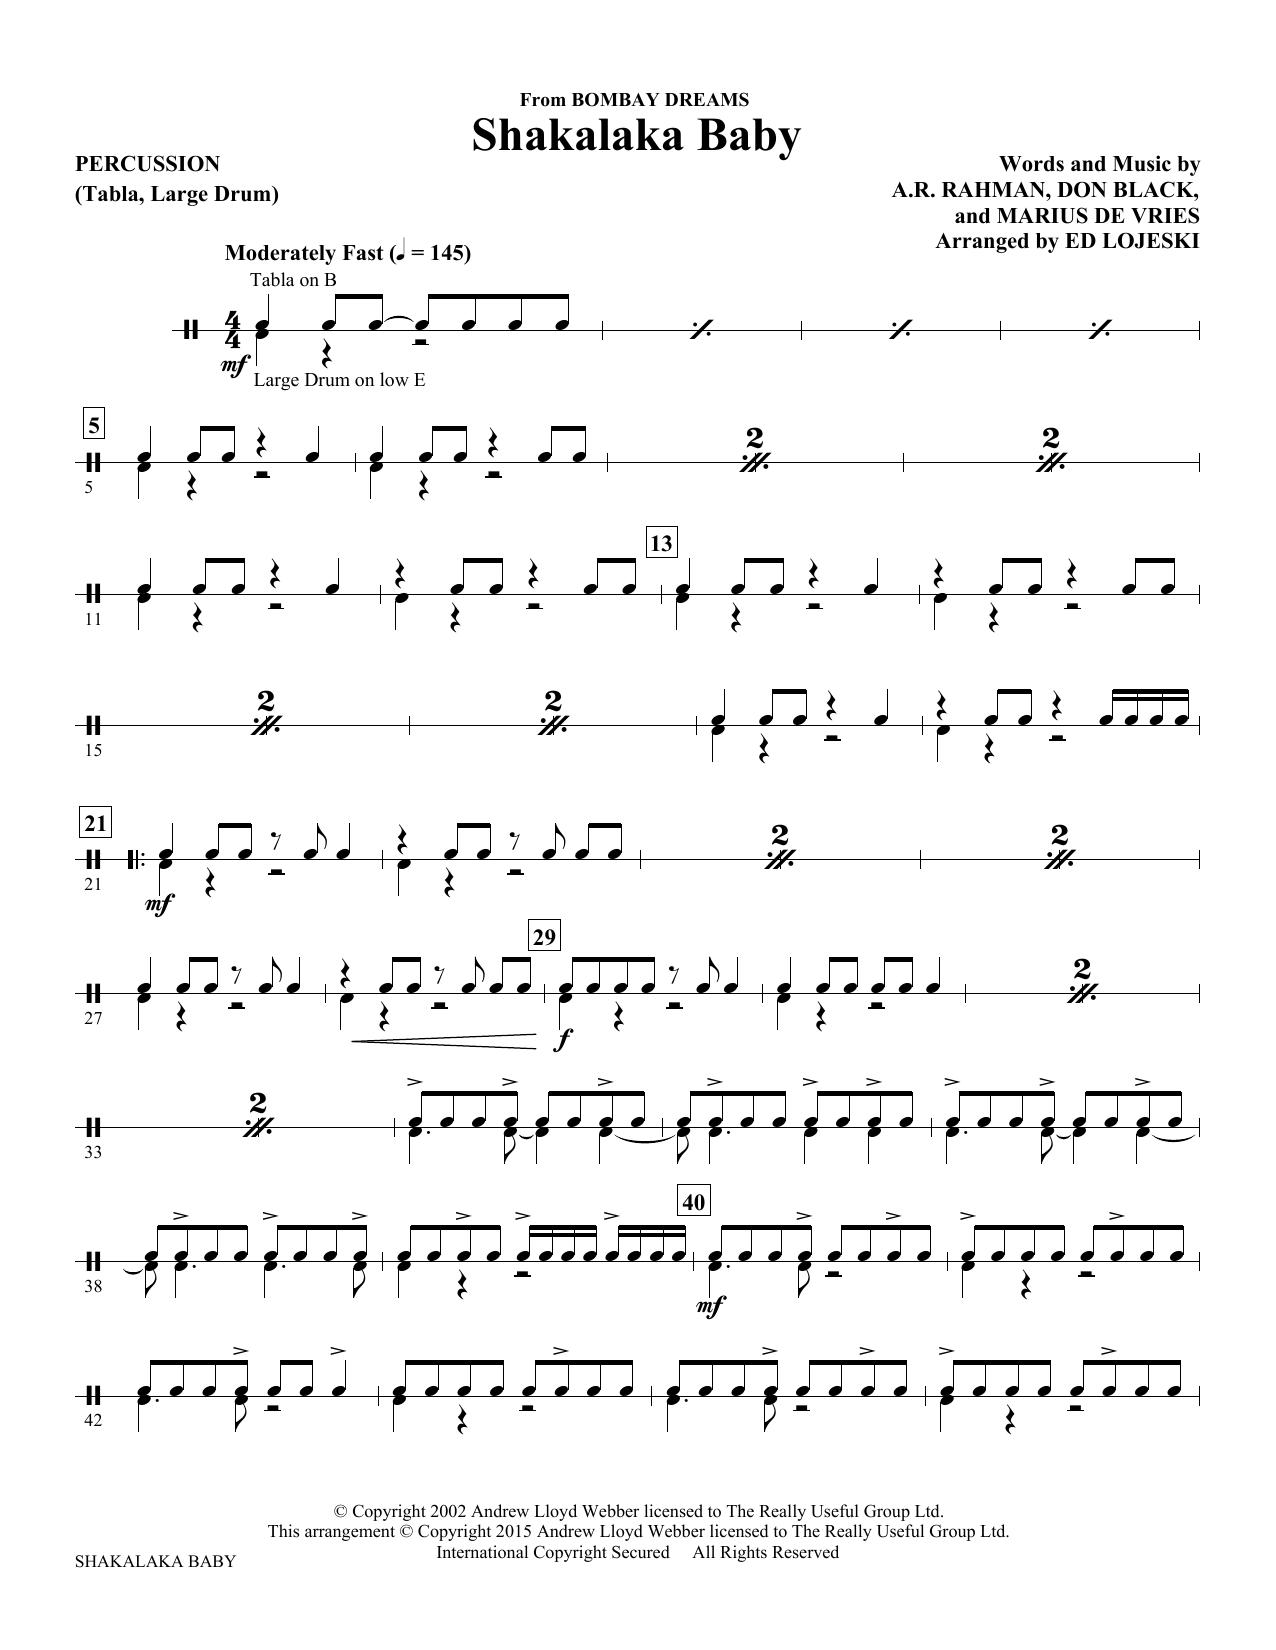 Shakalaka Baby (from Bombay Dreams) - Percussion Sheet Music